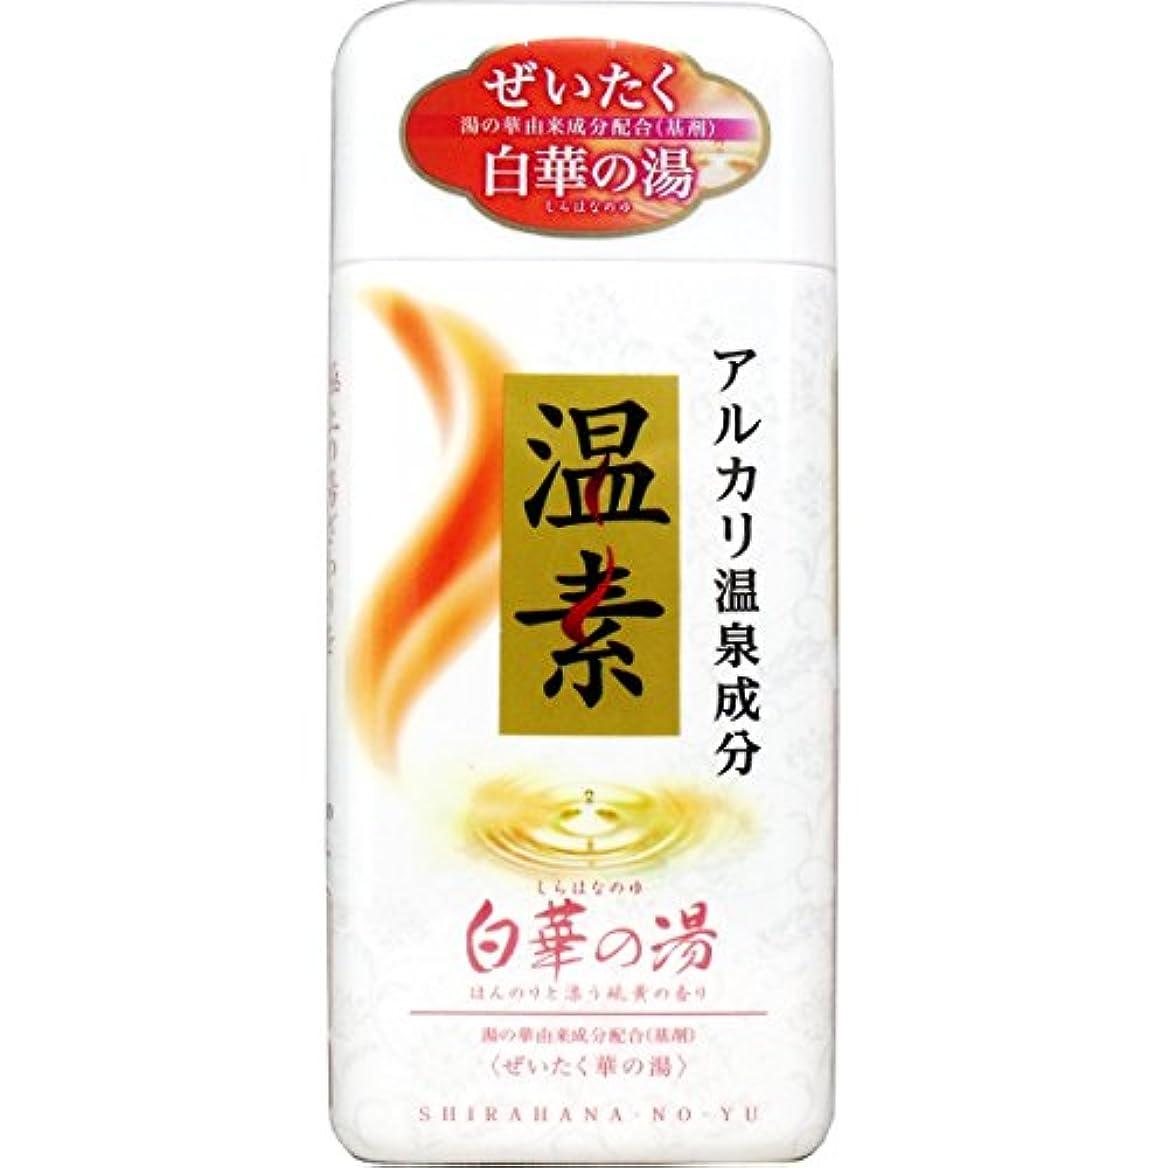 それにもかかわらず勤勉シャーお風呂用品 ぜいたく華の湯 本物志向 アルカリ温泉成分 温素 入浴剤 白華の湯 硫黄の香り 600g入